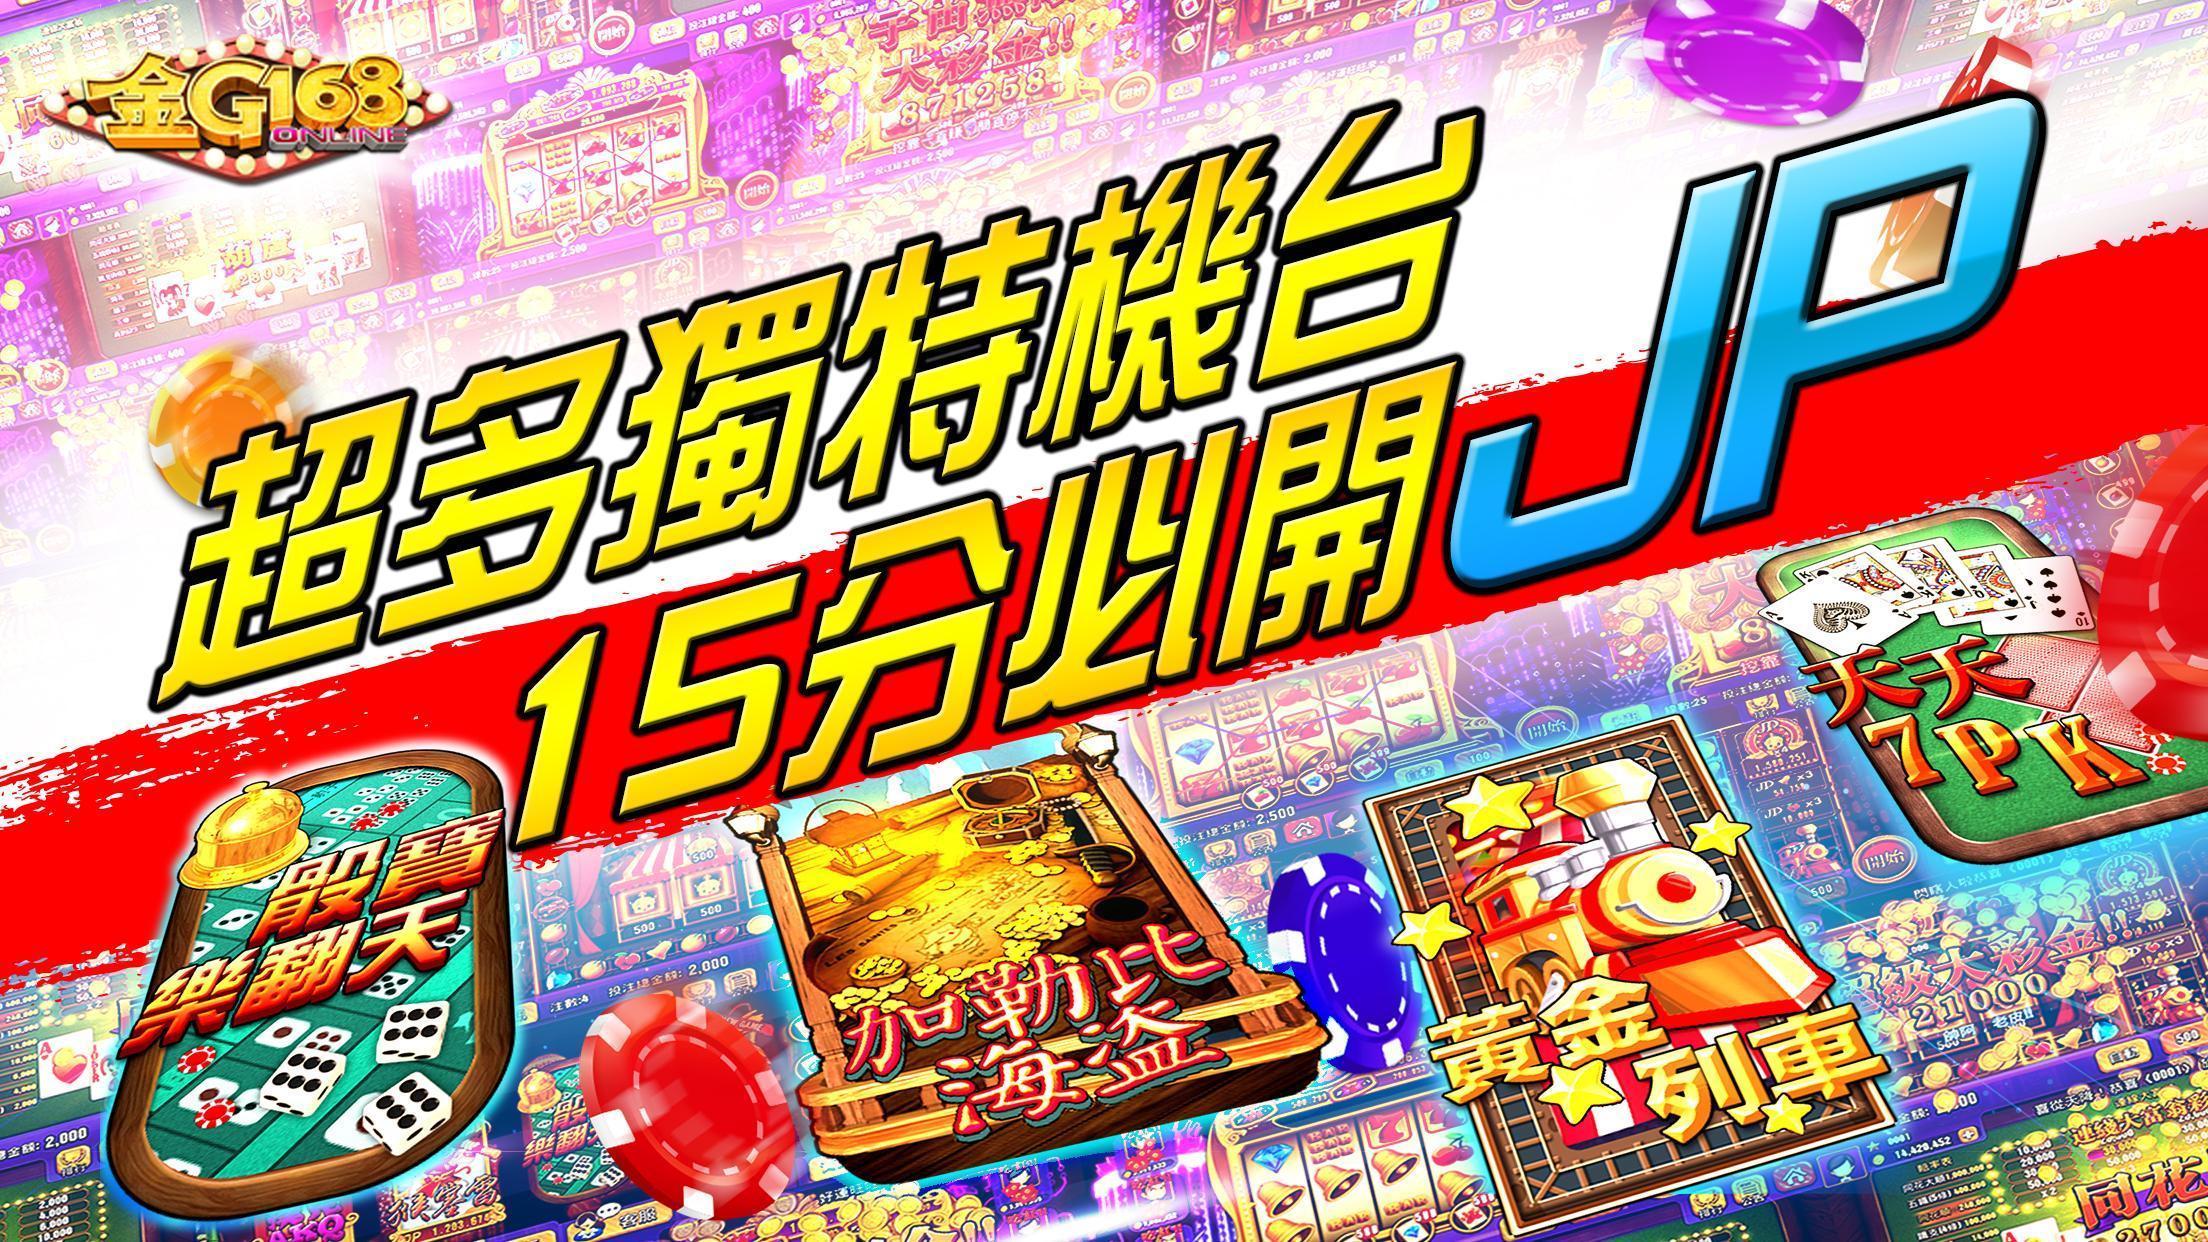 金G168 Casino -老虎機,7PK撲克,小瑪莉,骰寶 1.1.23 Screenshot 11